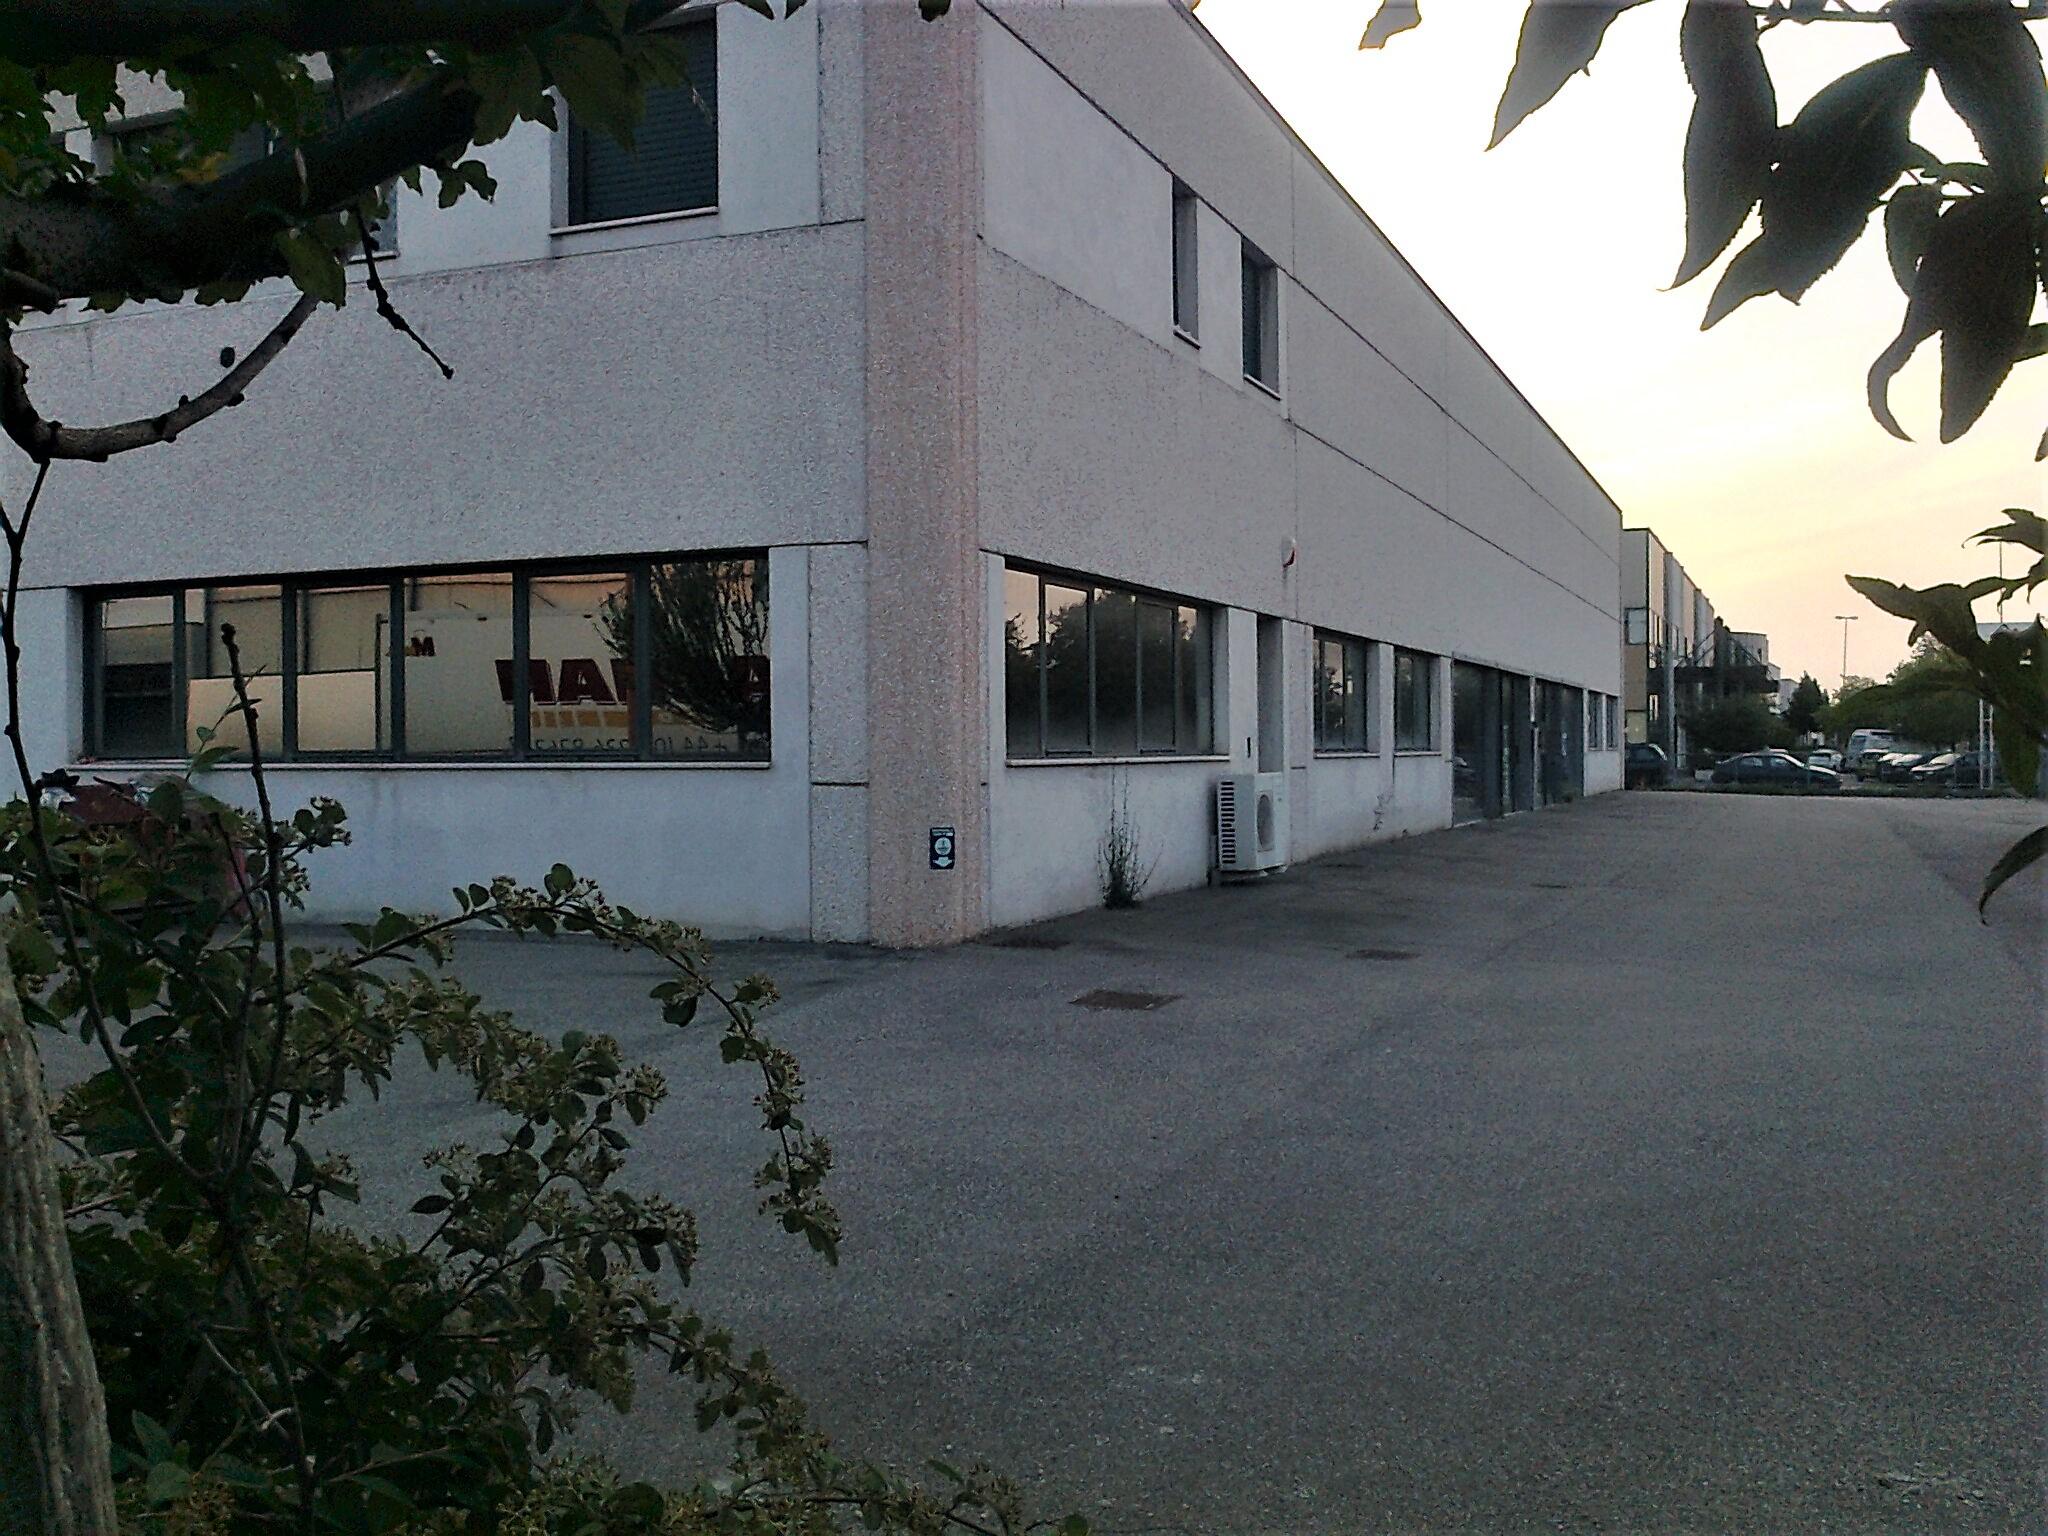 A-1091 Pievesestina: capannone di mq. 1200 con appartamento